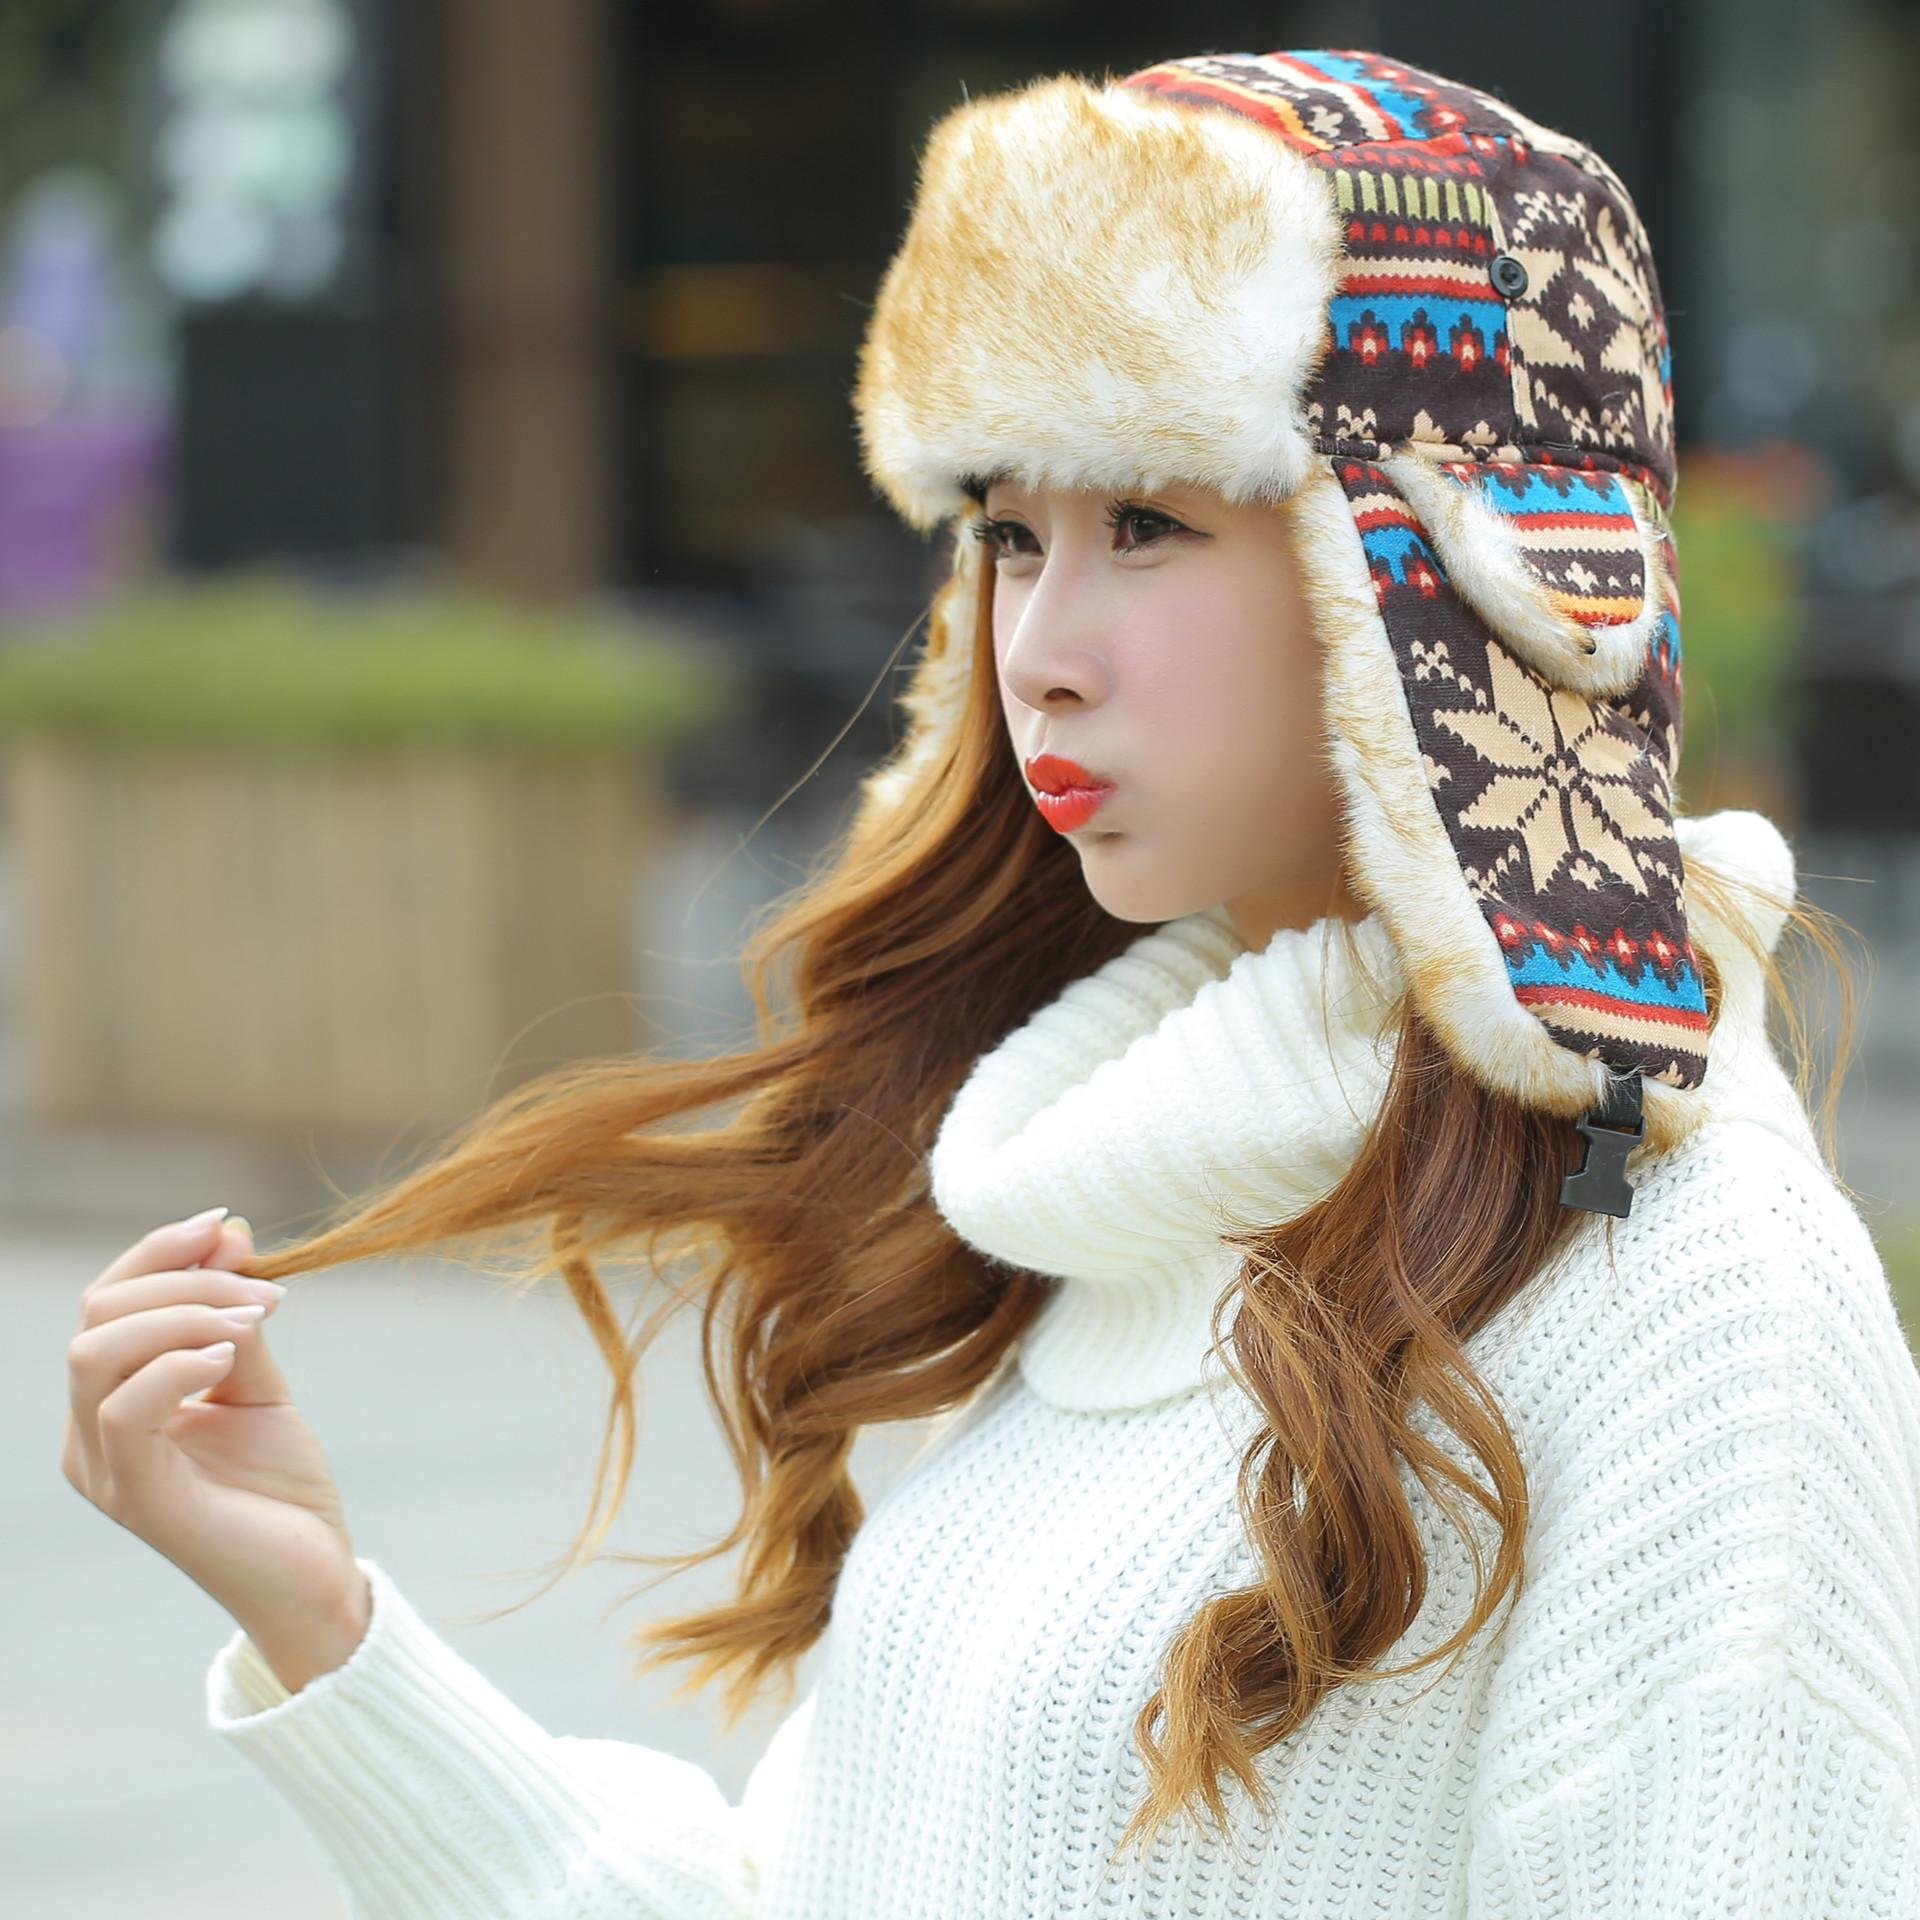 厚实亲子款雷锋帽儿童宝宝帽子 冬季帽子 彩色针织护耳帽 儿童红色